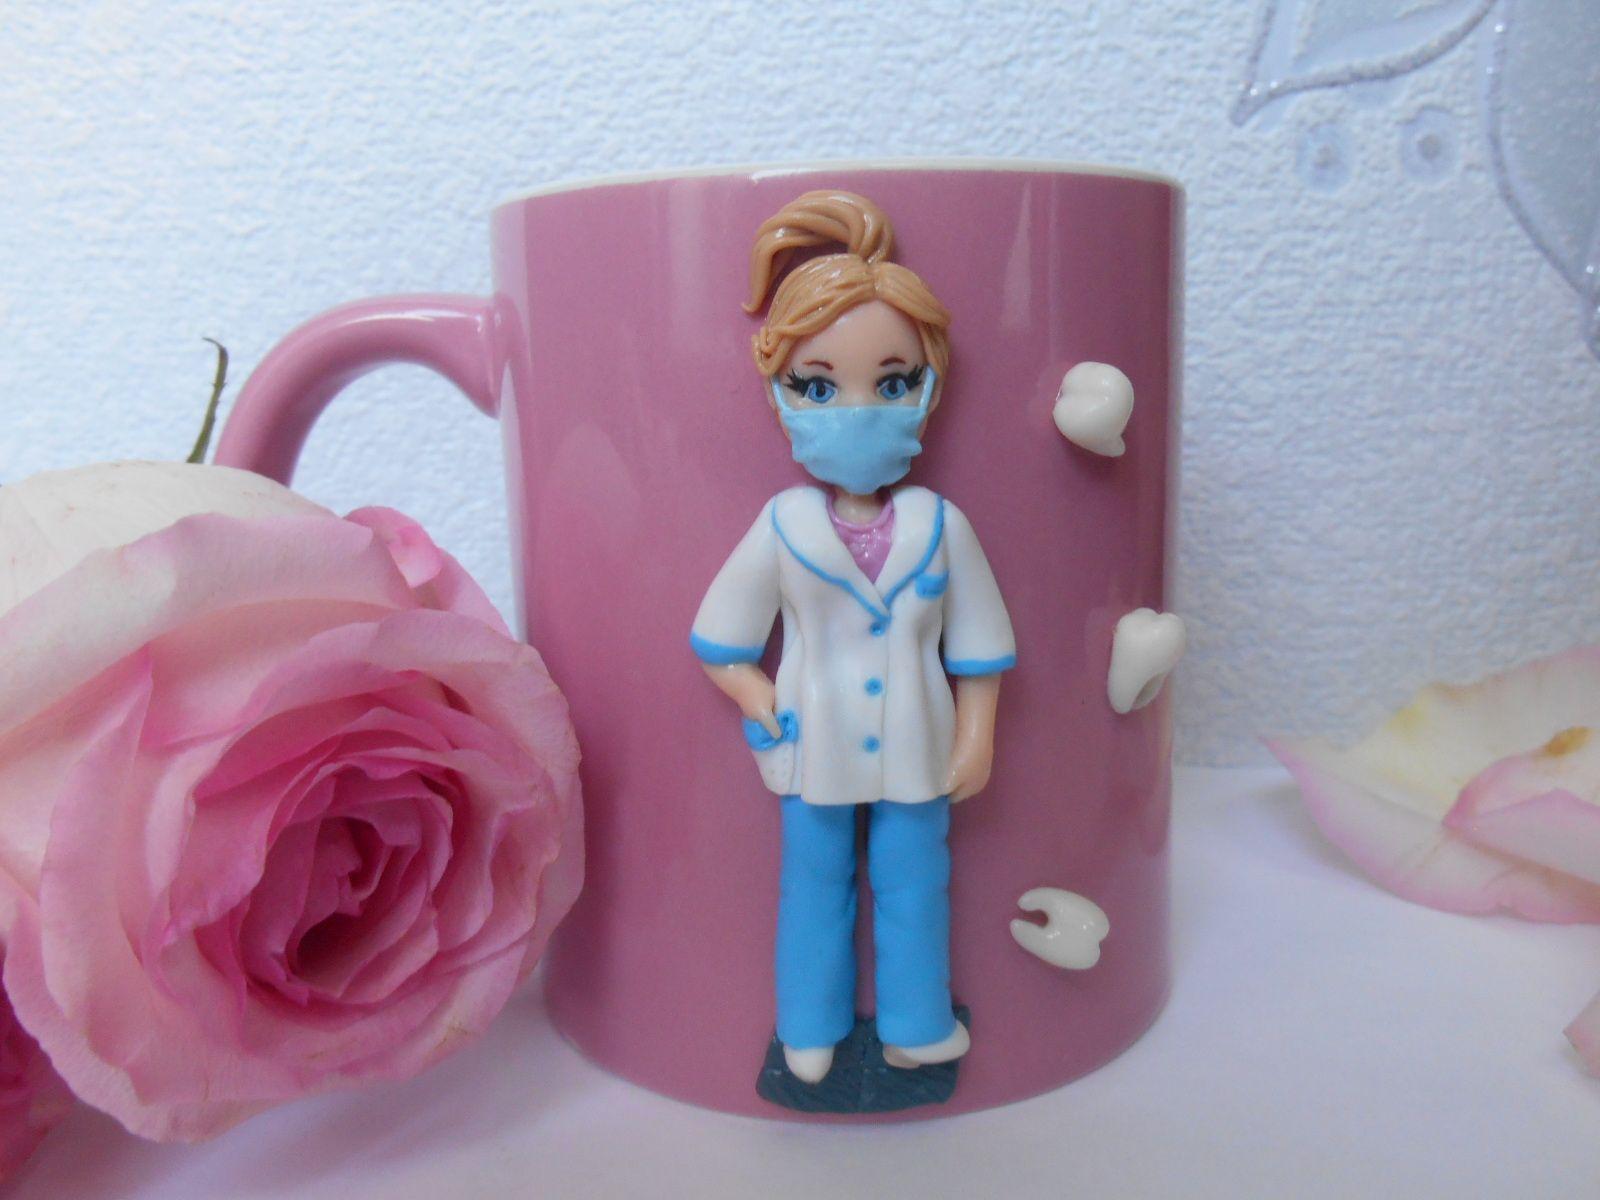 Доктор на кружке Куклы из полимерной глины, Кружка и